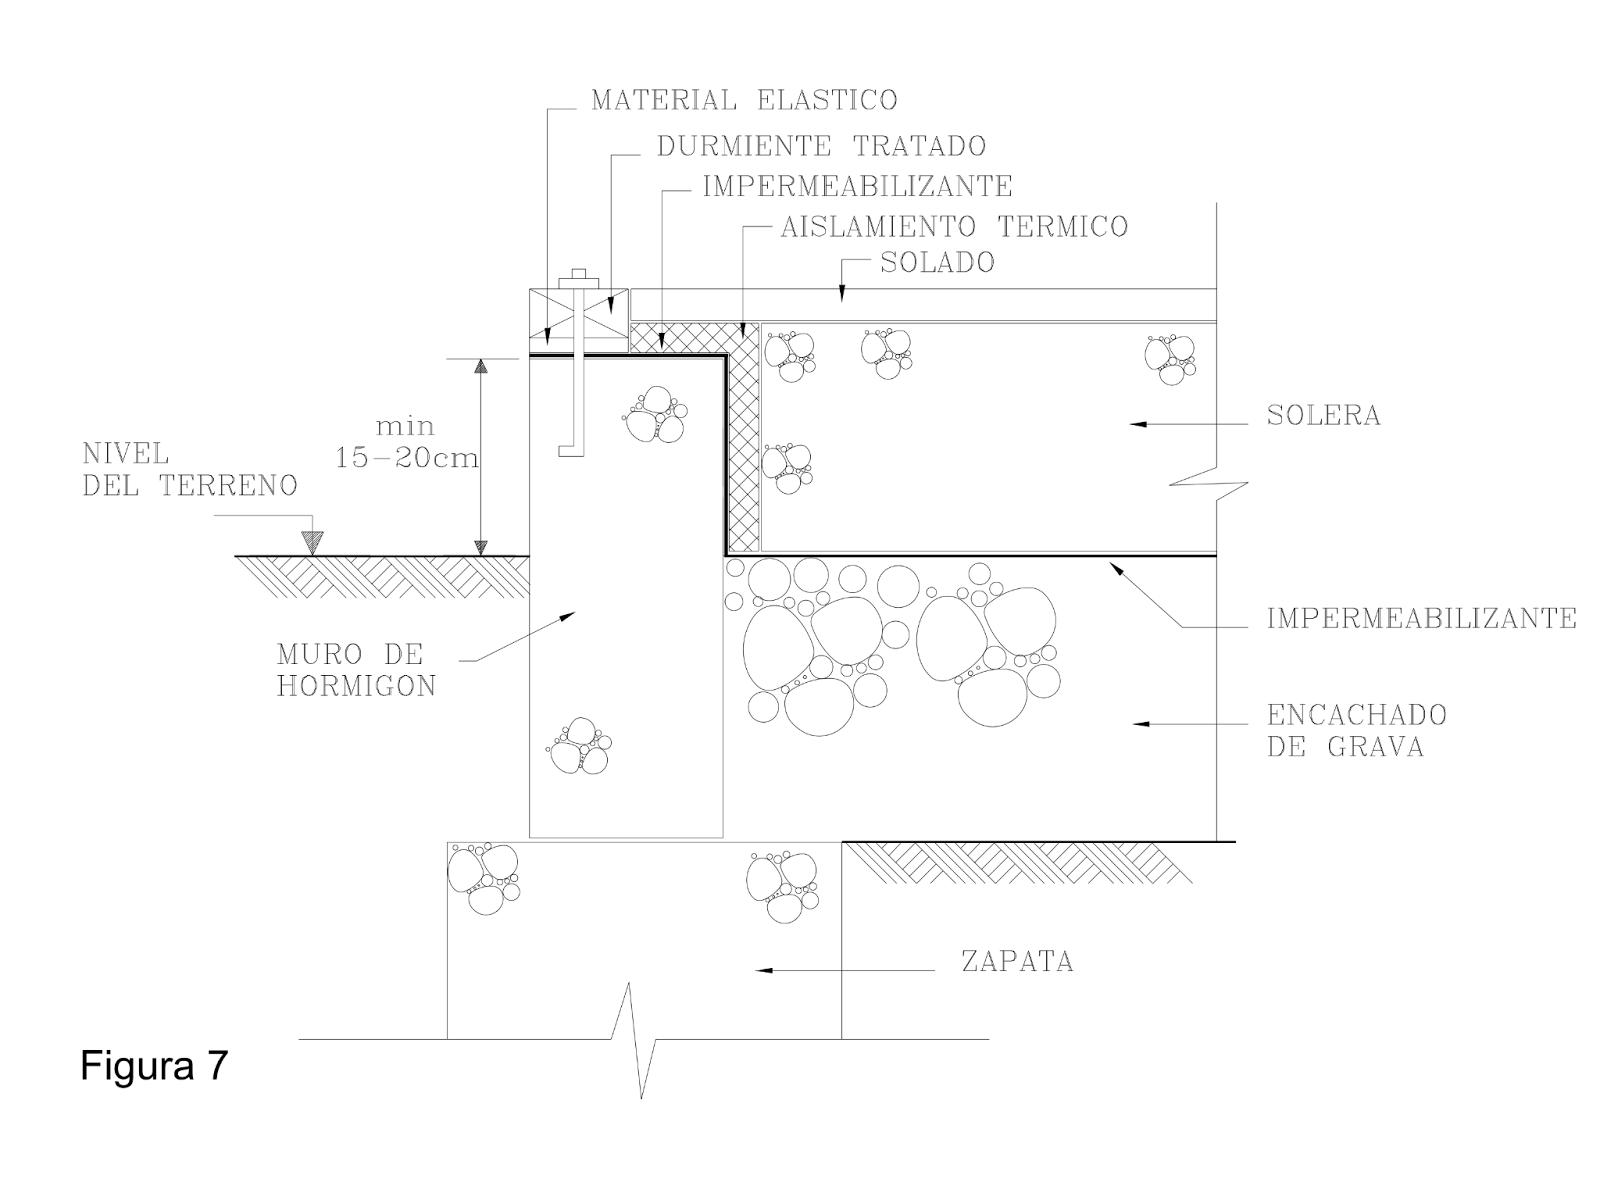 Detalle de cimentación (PLATFORM FRAME) | LIGEROS 2015